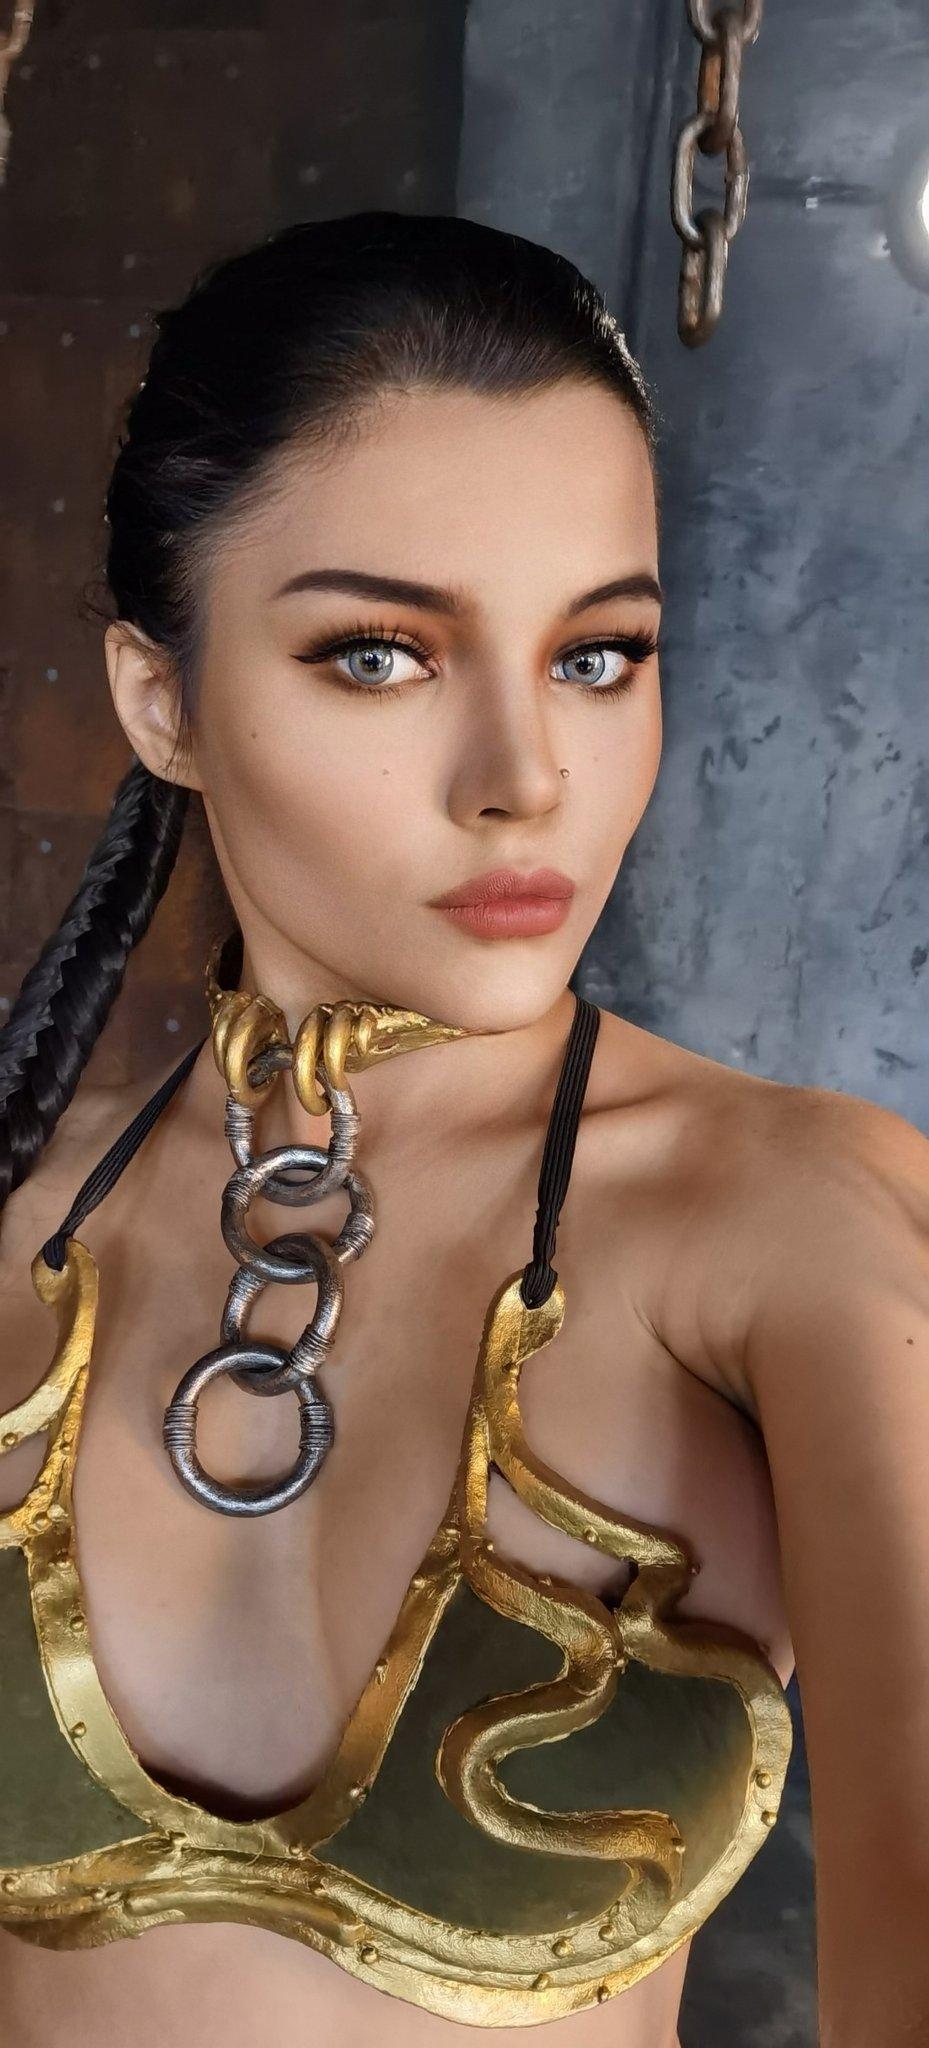 Kalinka Fox Nude Princess Leia Cosplay Set Leaked Jlhlus